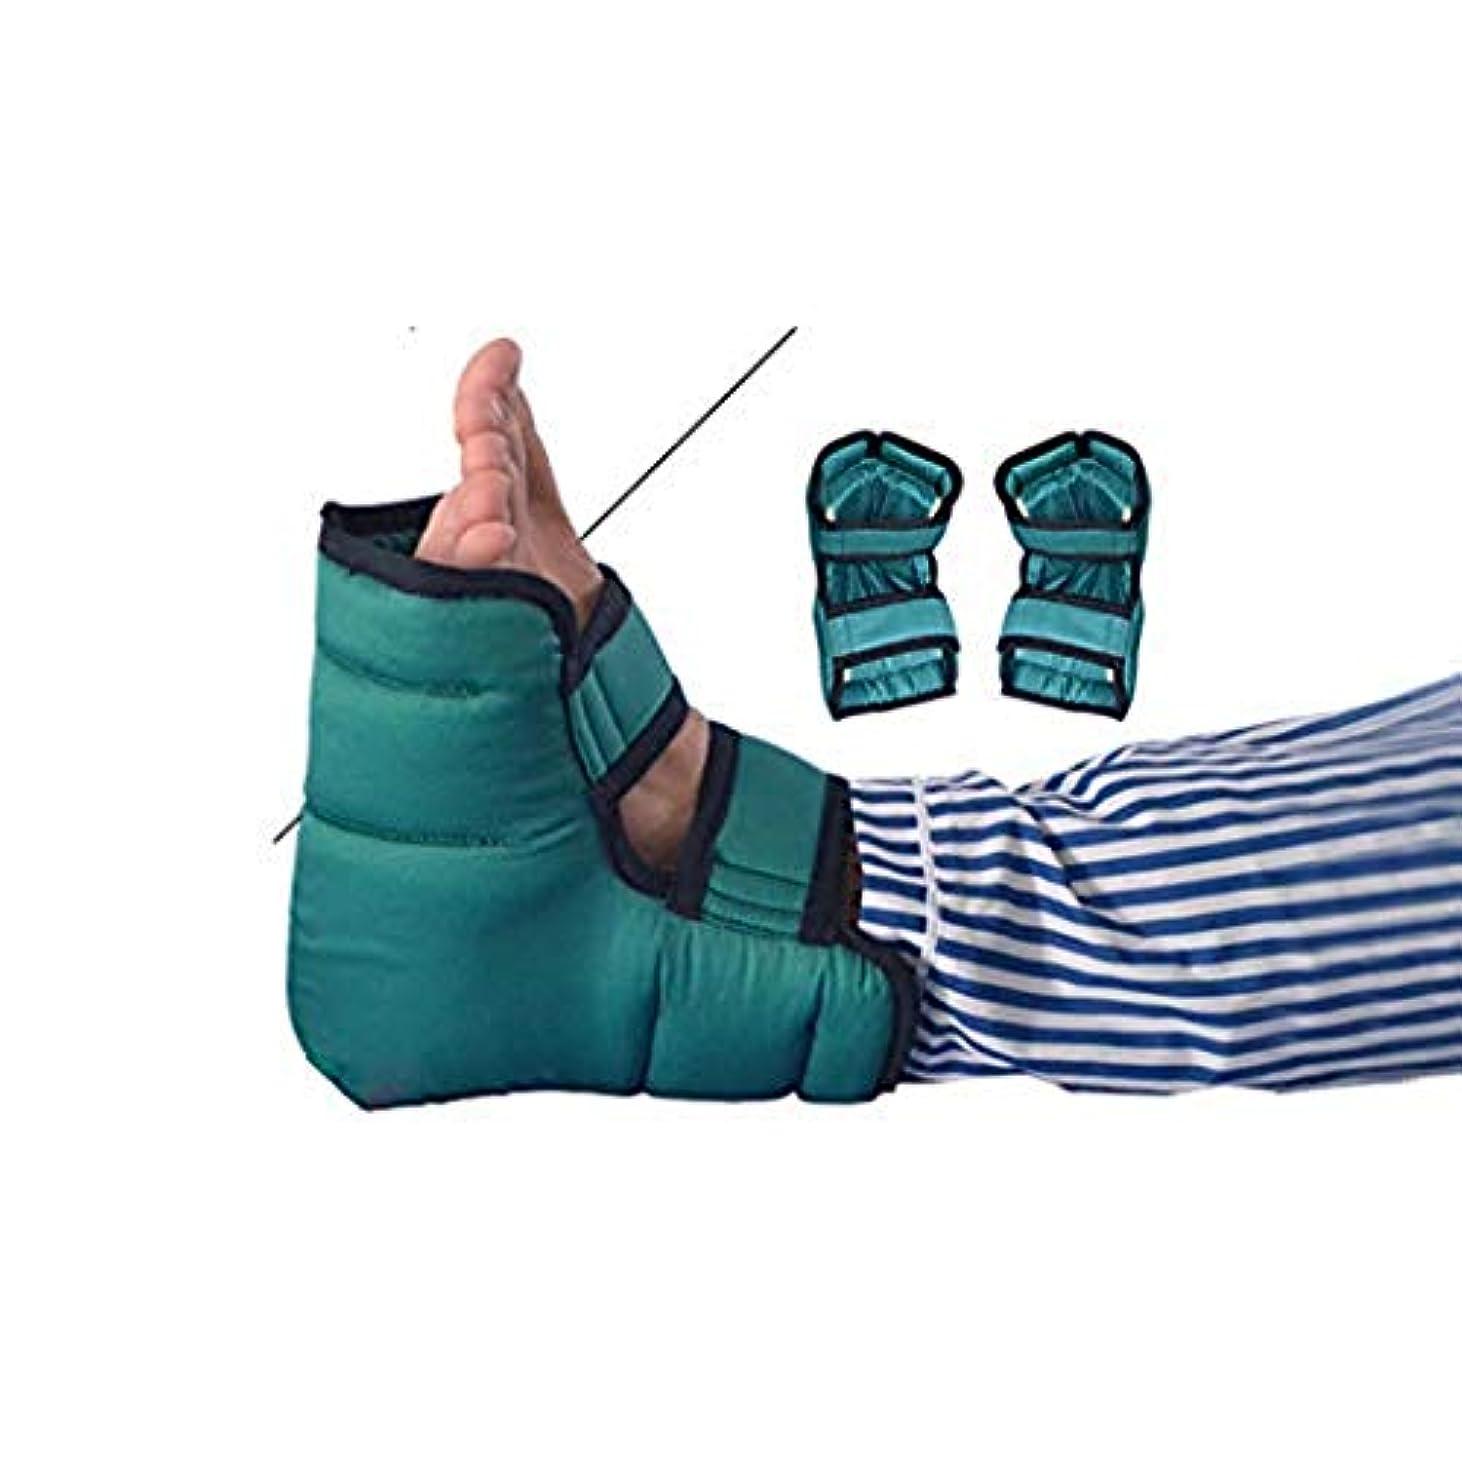 野球キャロライン参照するかかと潰瘍からの圧力を和らげるヒールクッションプロテクター枕、大人サイズのヒールクッションプロテクター-足と足首のピローガードのペア